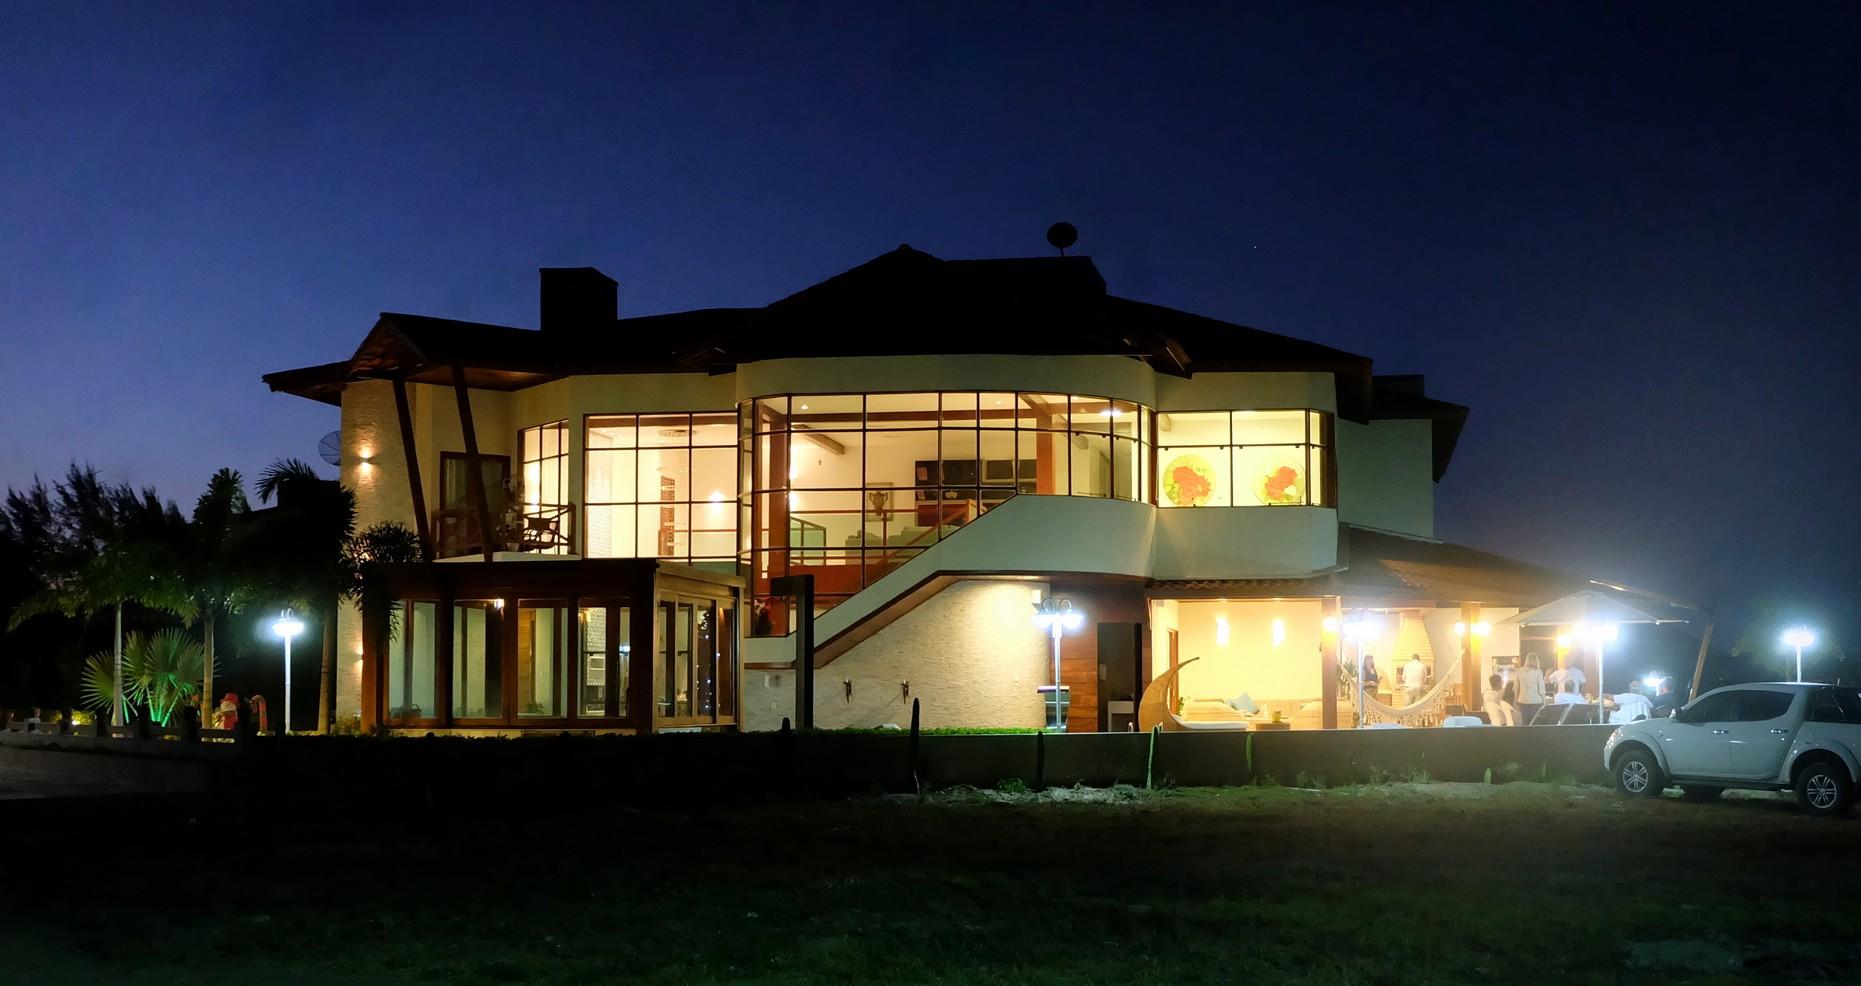 Casa de Campo em Gravatá - PE